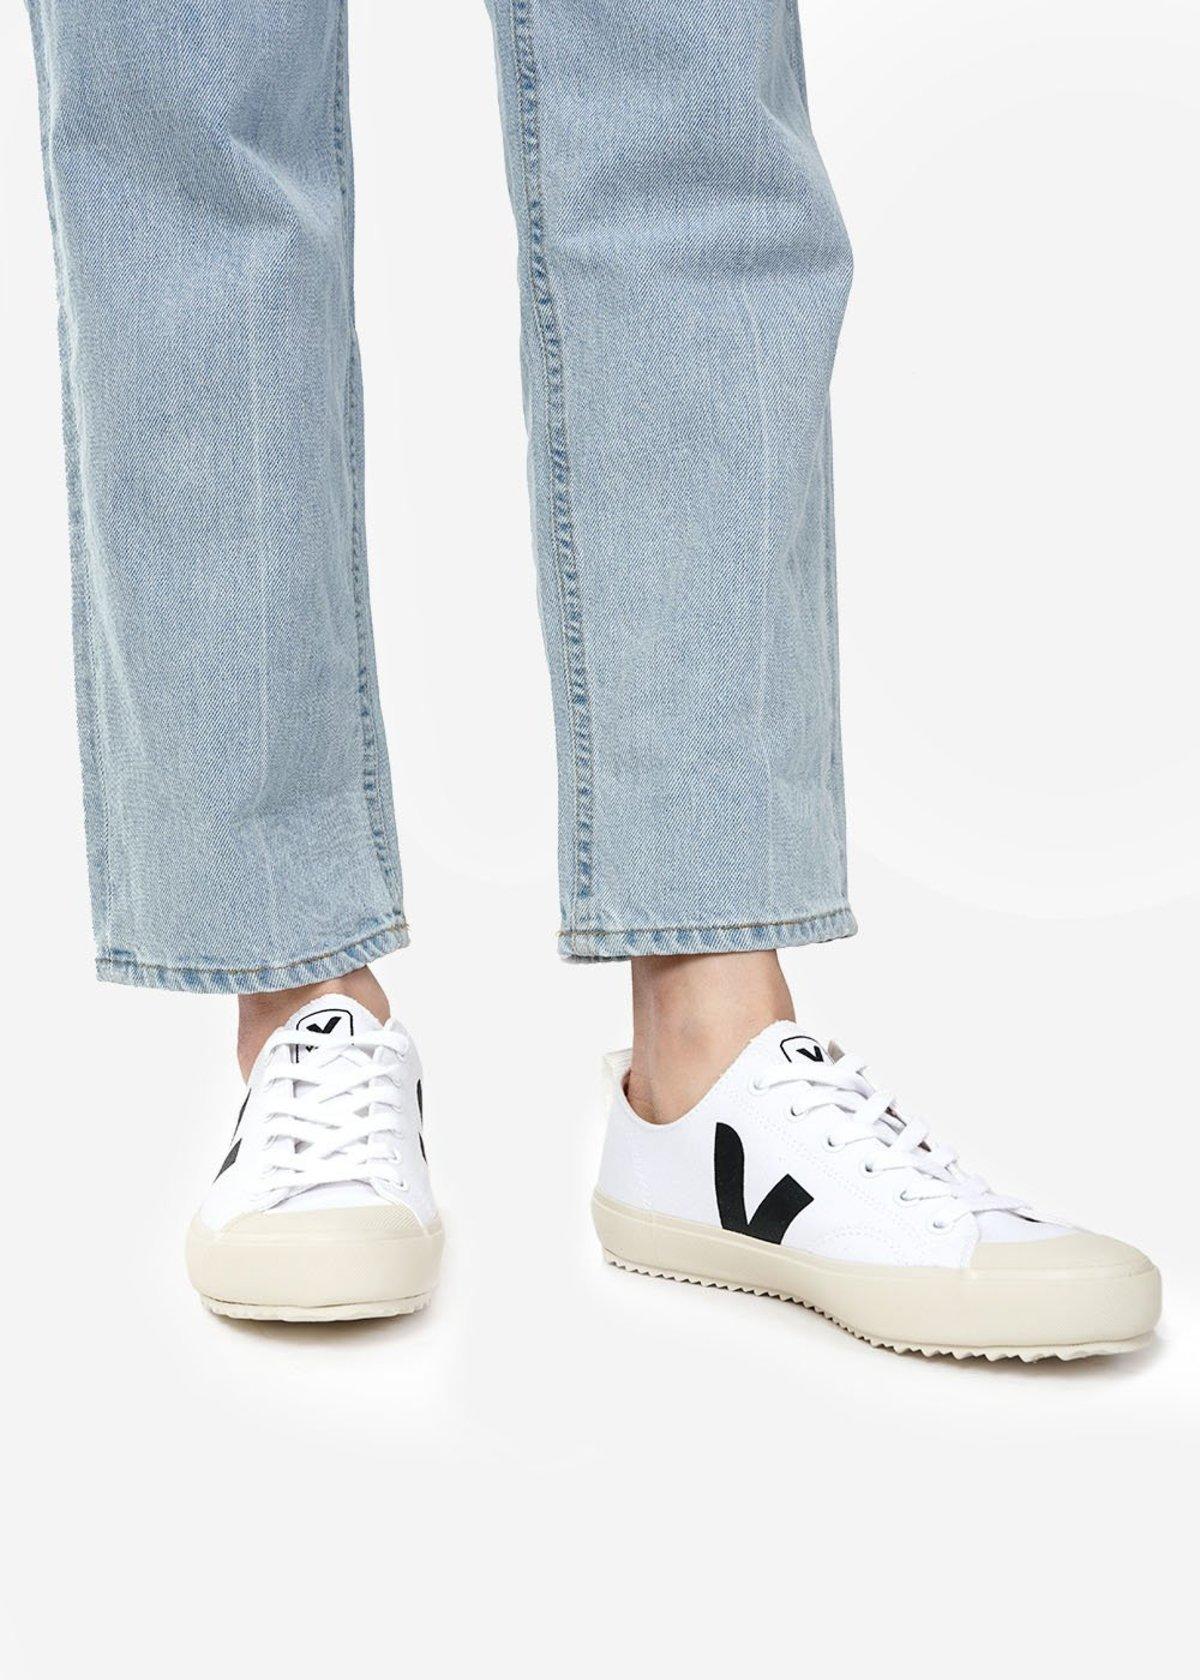 Unisex VEJA Nova Sneakers - White/Black